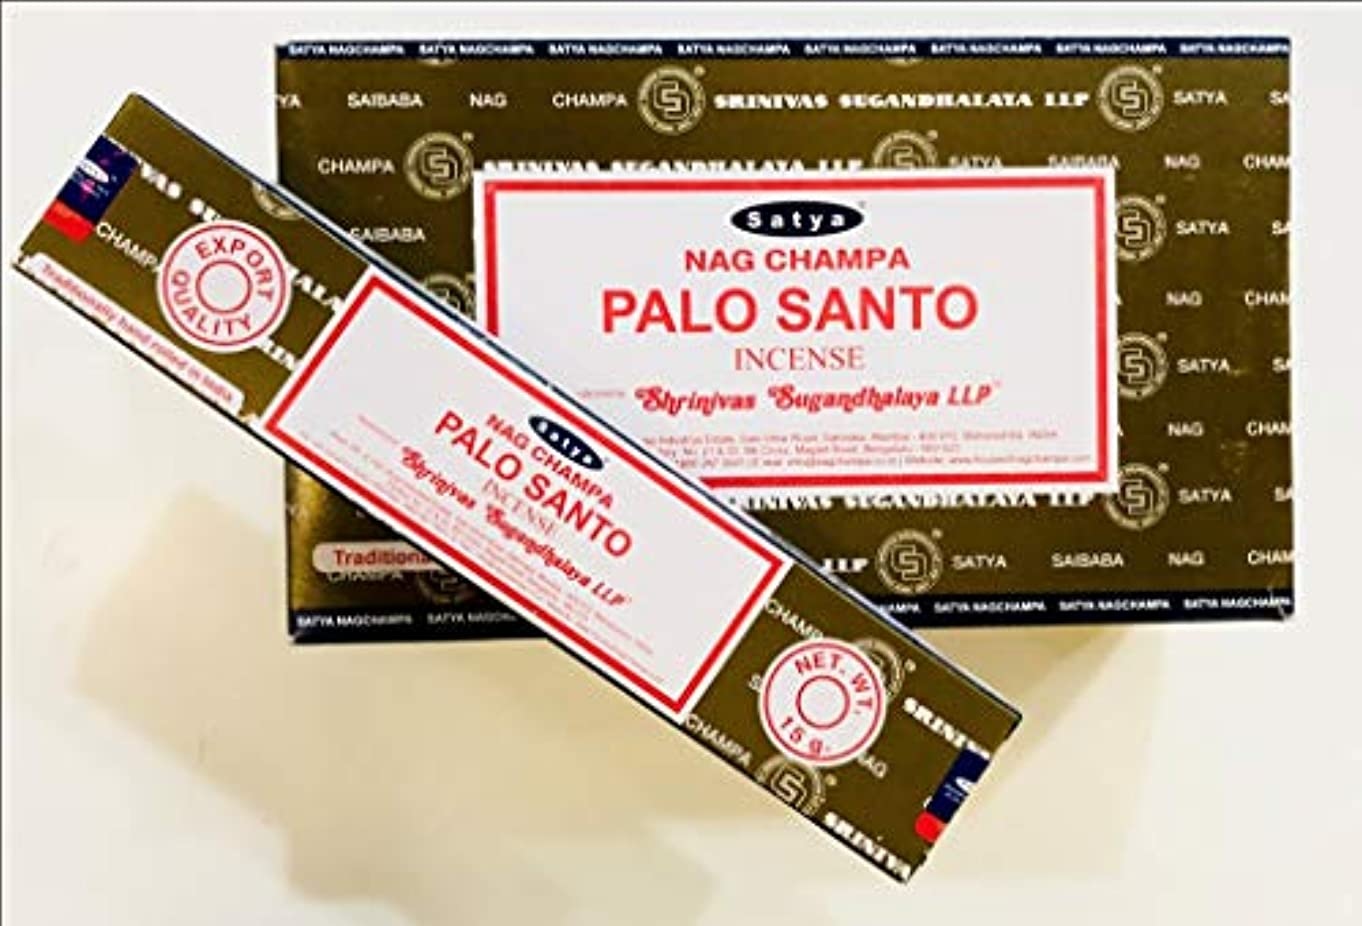 ポーチ所有権申請者Satya Nag Champa - Palo Santo お香スティック 12本パック x 15グラム 180グラムボックス 輸出品質